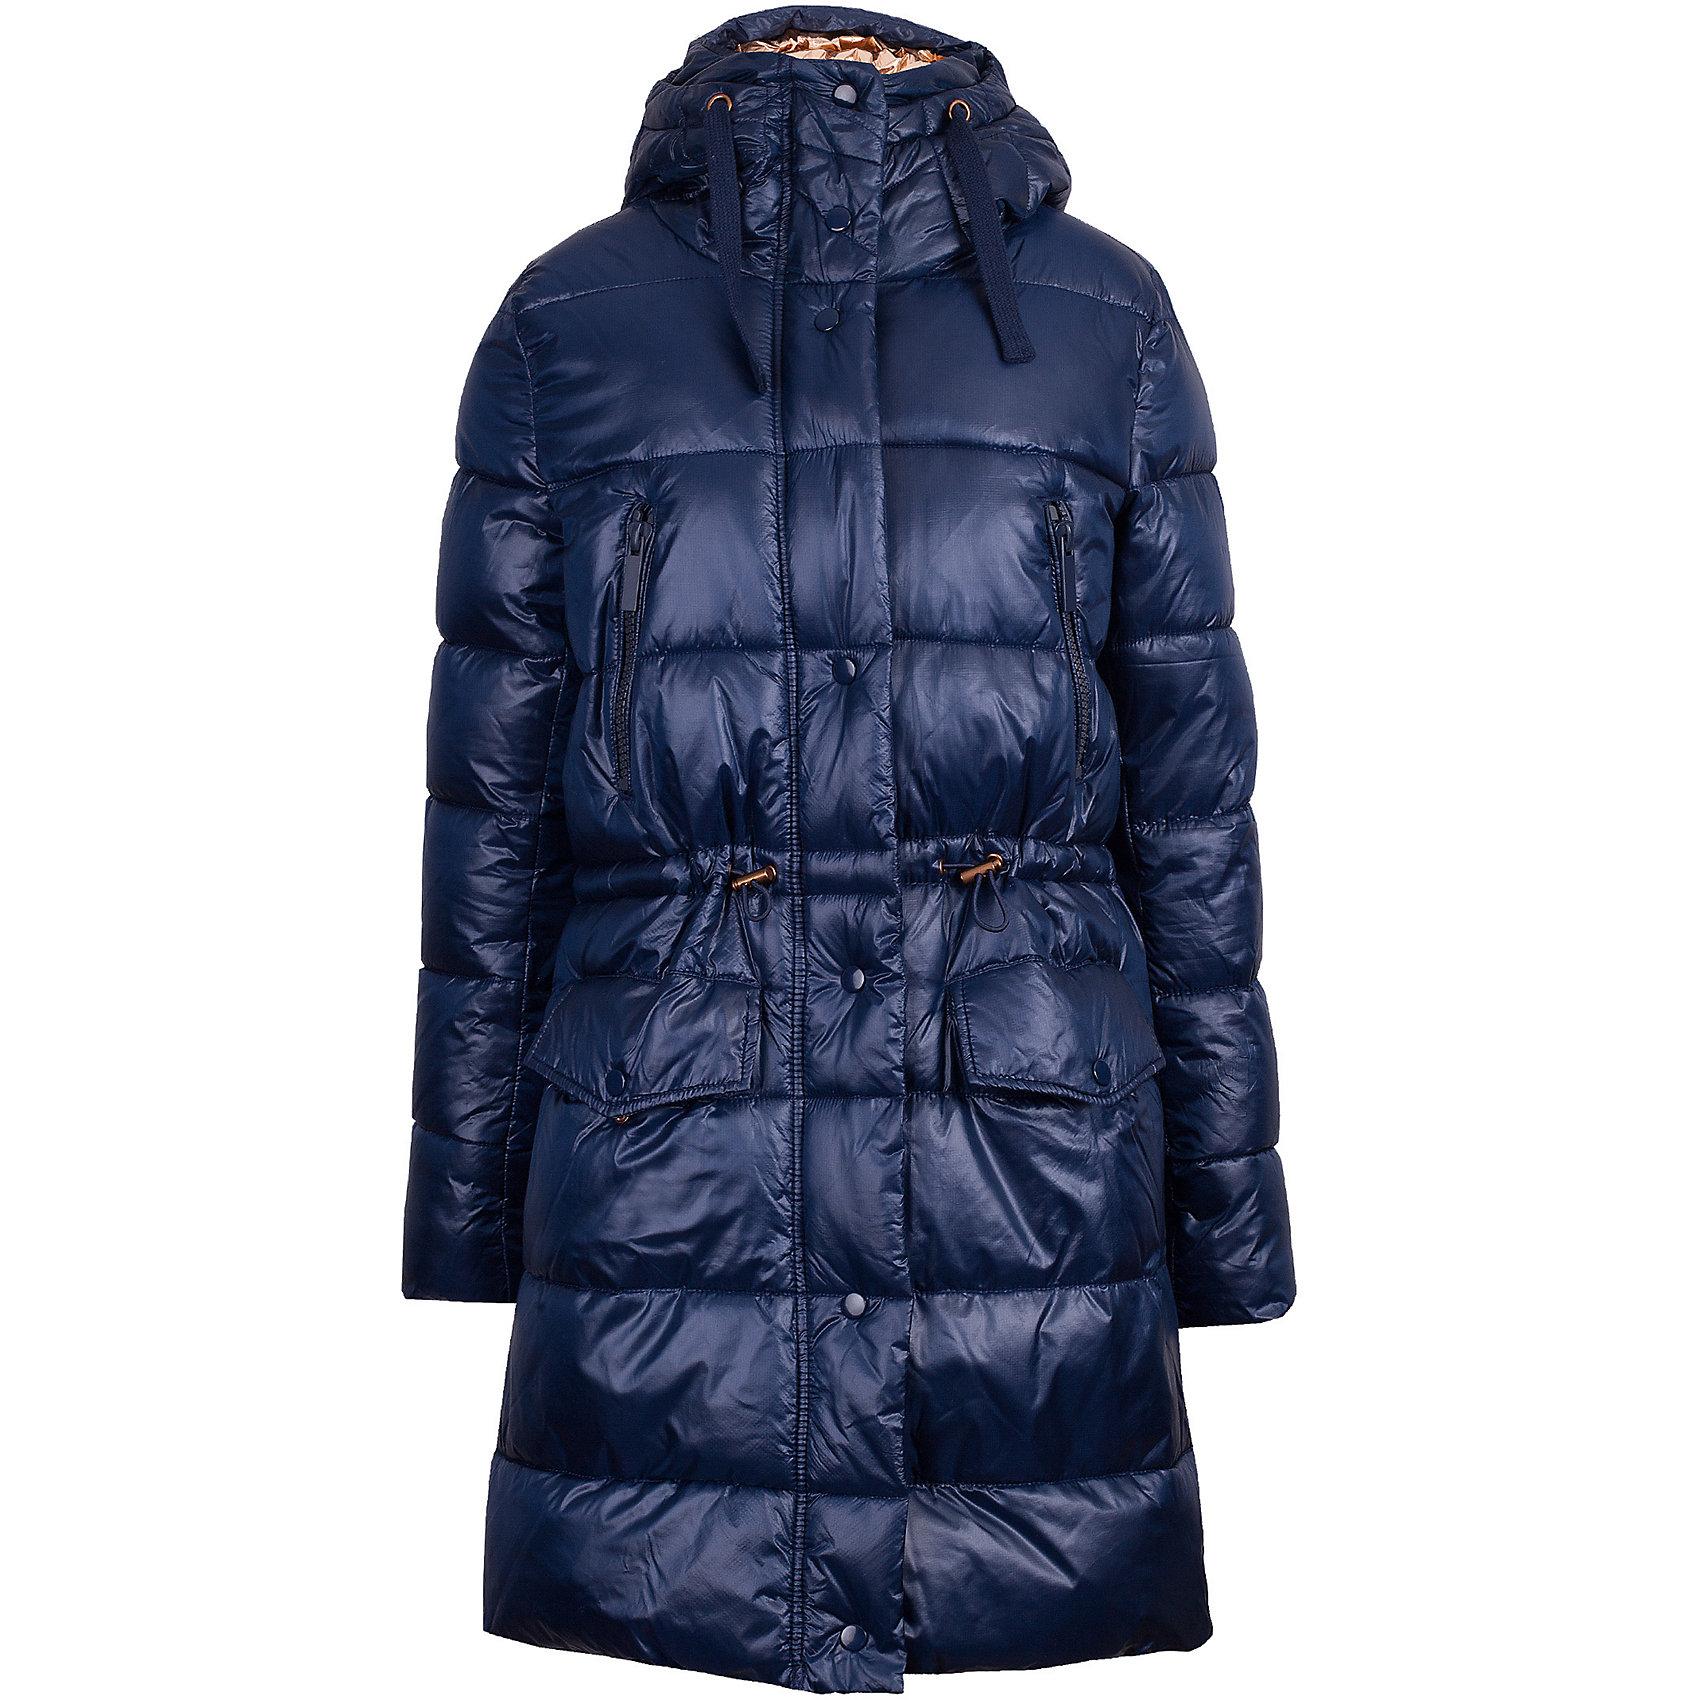 Пальто Gulliver для девочкиВерхняя одежда<br>Пальто Gulliver для девочки<br>Эта куртка-косуха - мечта каждой модницы! Сделанная из искусственной дубленой кожи, куртка выглядит потрясающе! Синий цвет, асимметричная застежка, белый меховой воротник, крупная металлическая молния, - в этой модели все совпало для создания дерзкого, элегантного и динамичного образа. Стильные куртки осеннего сезона - это смелые и интересные решения, созданные уверенной дизайнерской рукой. Они сделают образ девочки привлекательным, а также подарят тепло, уют и отличное настроение.<br>Состав:<br>100% полиэстер<br><br>Ширина мм: 356<br>Глубина мм: 10<br>Высота мм: 245<br>Вес г: 519<br>Цвет: синий<br>Возраст от месяцев: 156<br>Возраст до месяцев: 168<br>Пол: Женский<br>Возраст: Детский<br>Размер: 164,146,152,158<br>SKU: 7077171